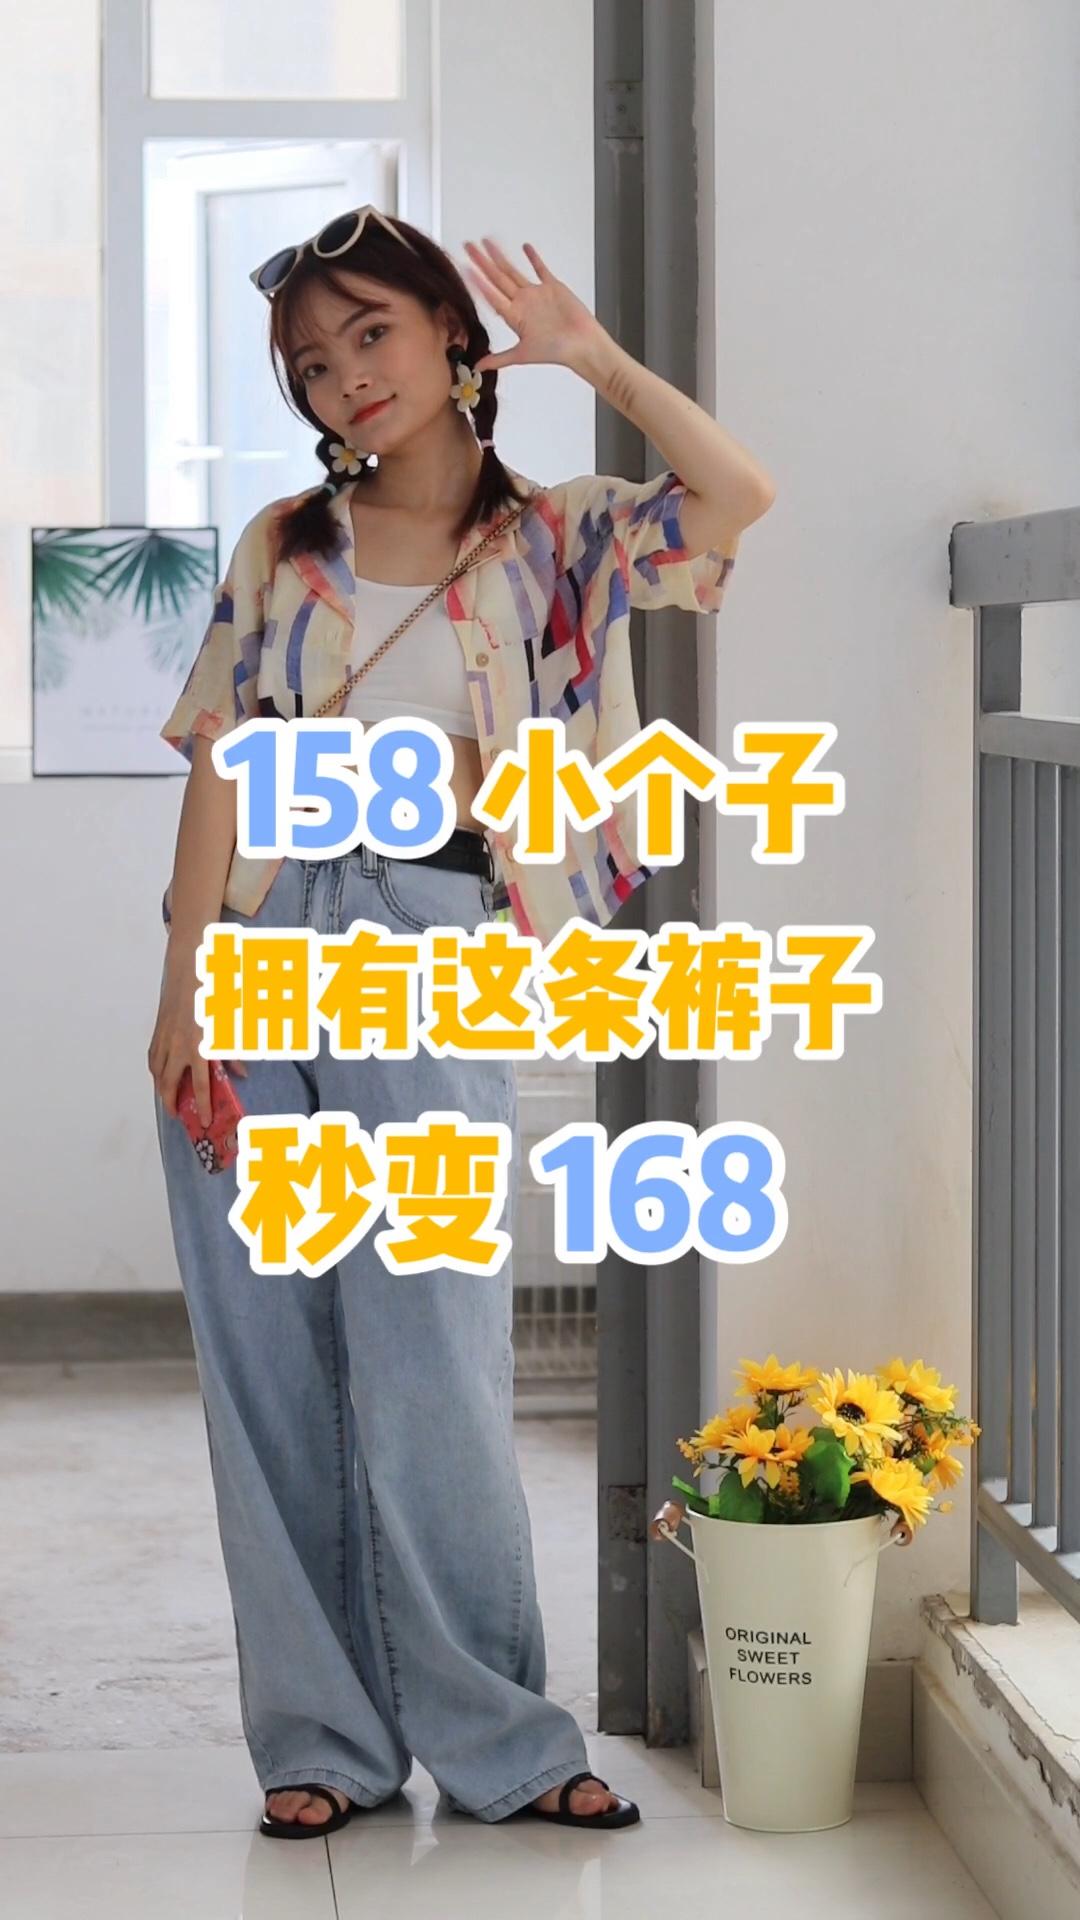 #618之后,小个子秒变168cm!# 「Hello!我是梨子🍐 👧🏻身高:158cm ☀️体重:40kg 🌙尺码:一般穿最小码xs-s 部分没有放链接的请到商品处搜索 谢谢啦! 喜欢我的穿搭记得给我点赞👍🏻➕关注噢💌」  衬衣:今年也特别流行这种小衬衫 我选择的这件很清新 配色很好看 裤子:必须安利!真的太显腿长了 面料也很舒服适合夏天穿~ 这套真的炒鸡适合小个子女生~